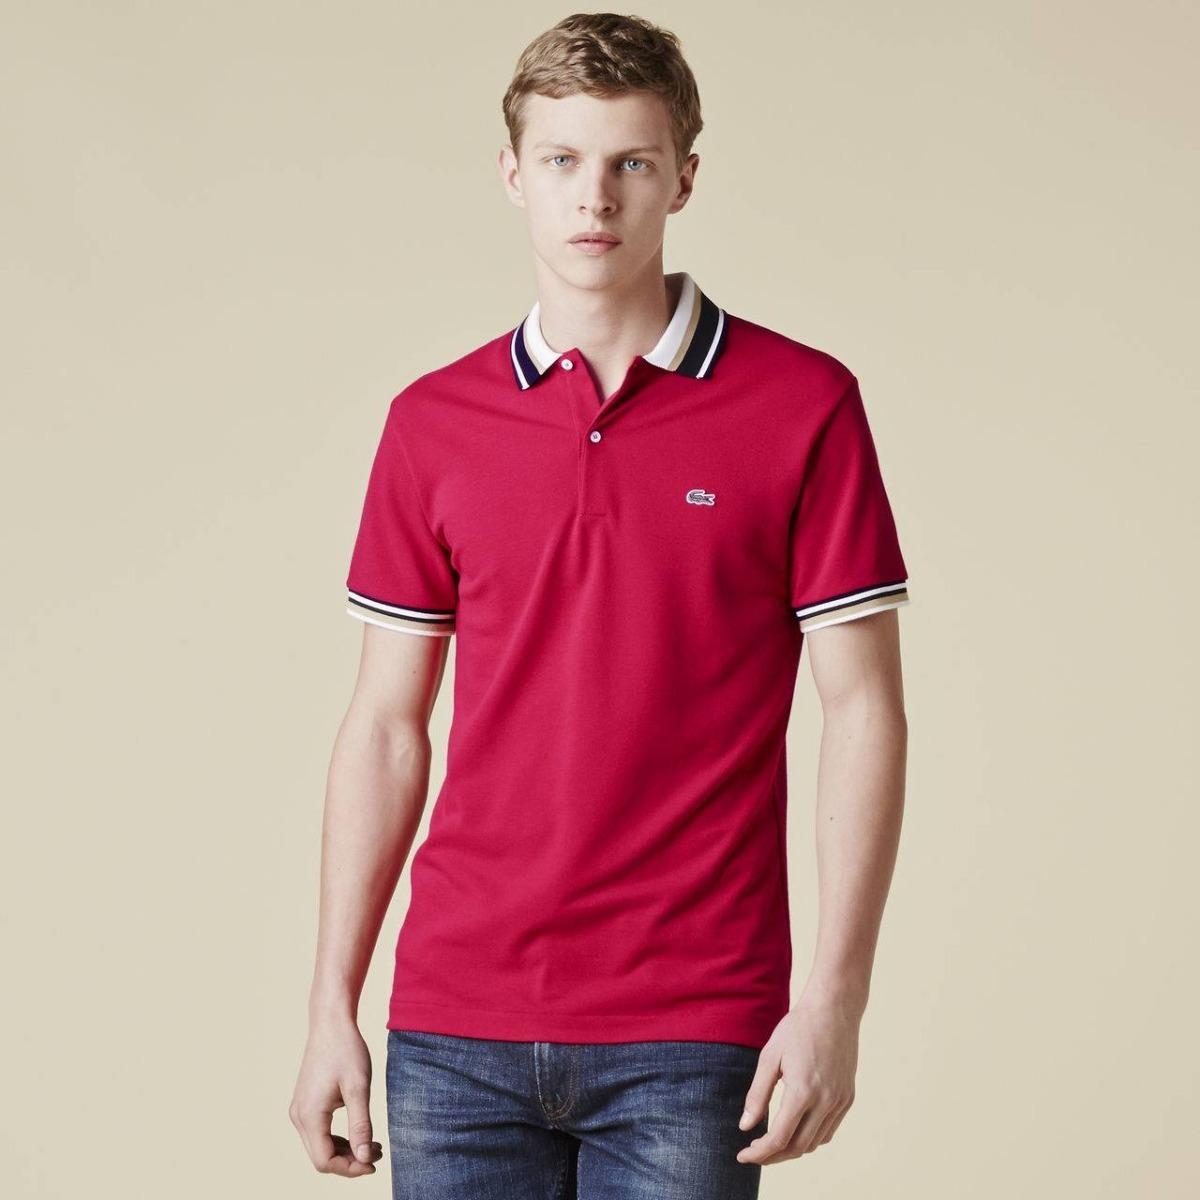 af38619a57a34 Camisa Gola Polo Lacoste Vermelha - R  280,00 em Mercado Livre